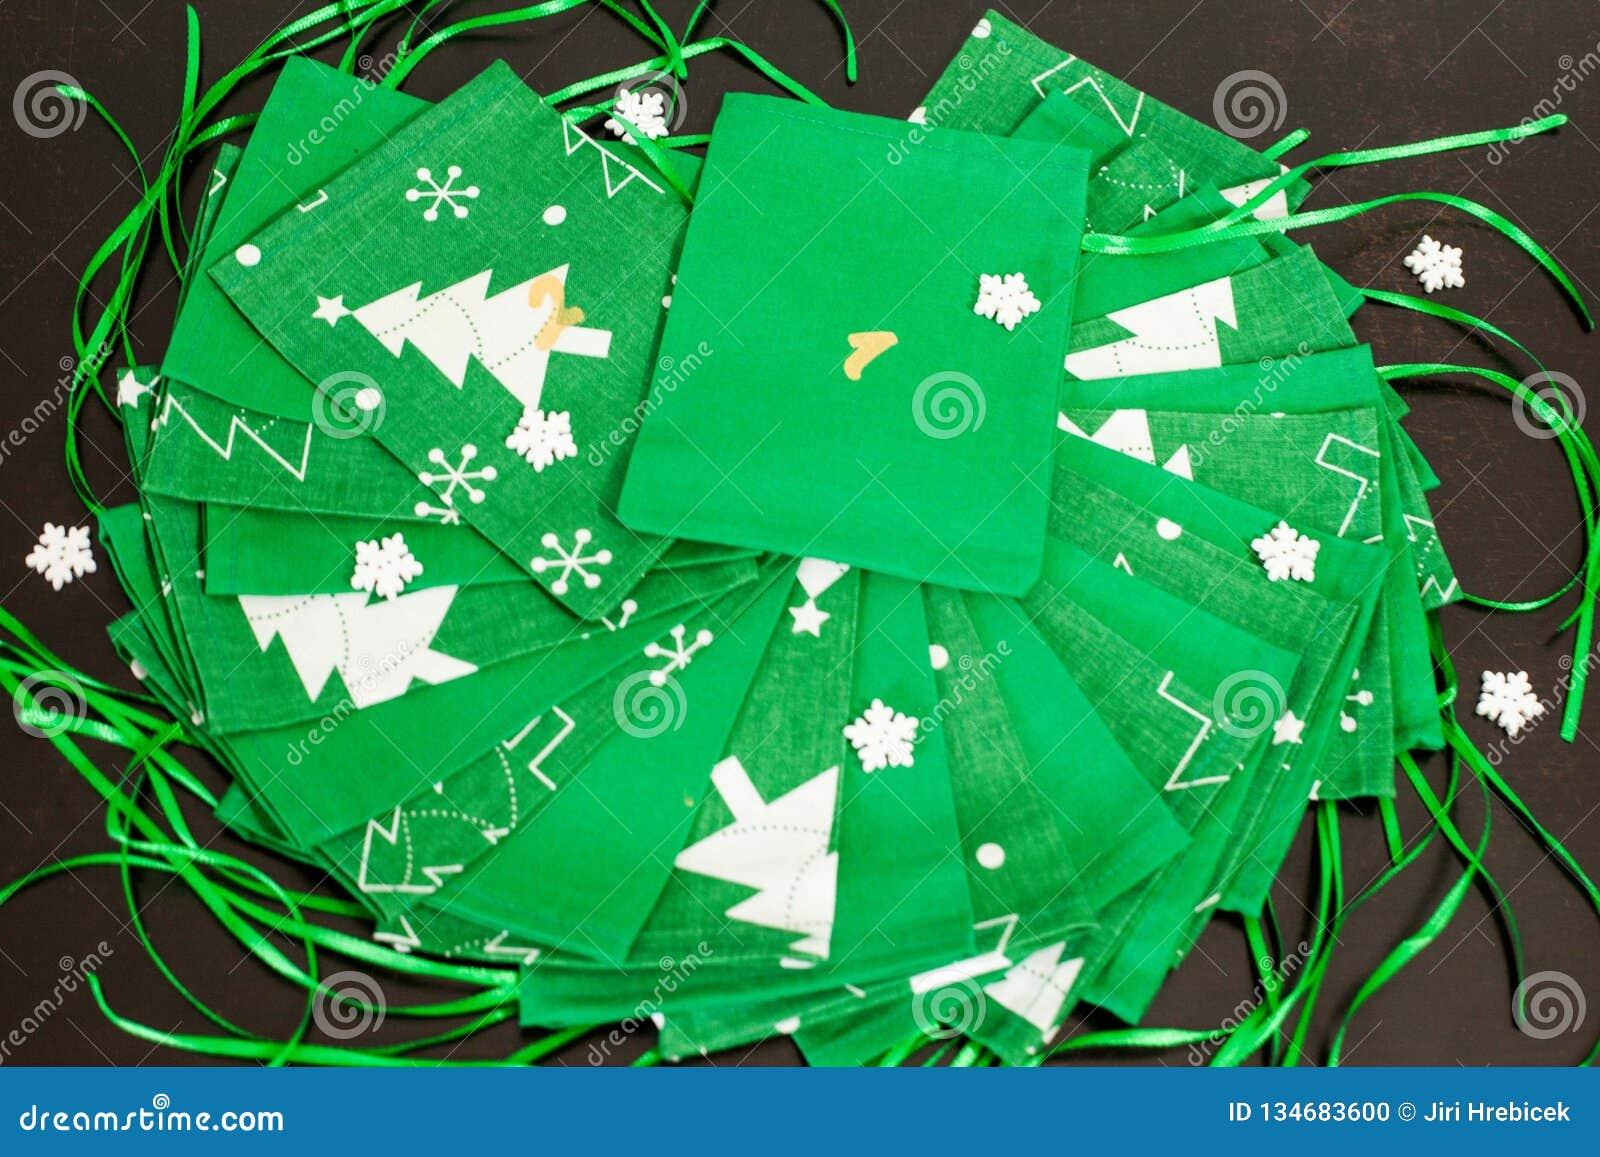 Den handgjorda juladventkalendern för barn, den röda adventen numrerade säckar som var klara att fyllas upp med leksaker